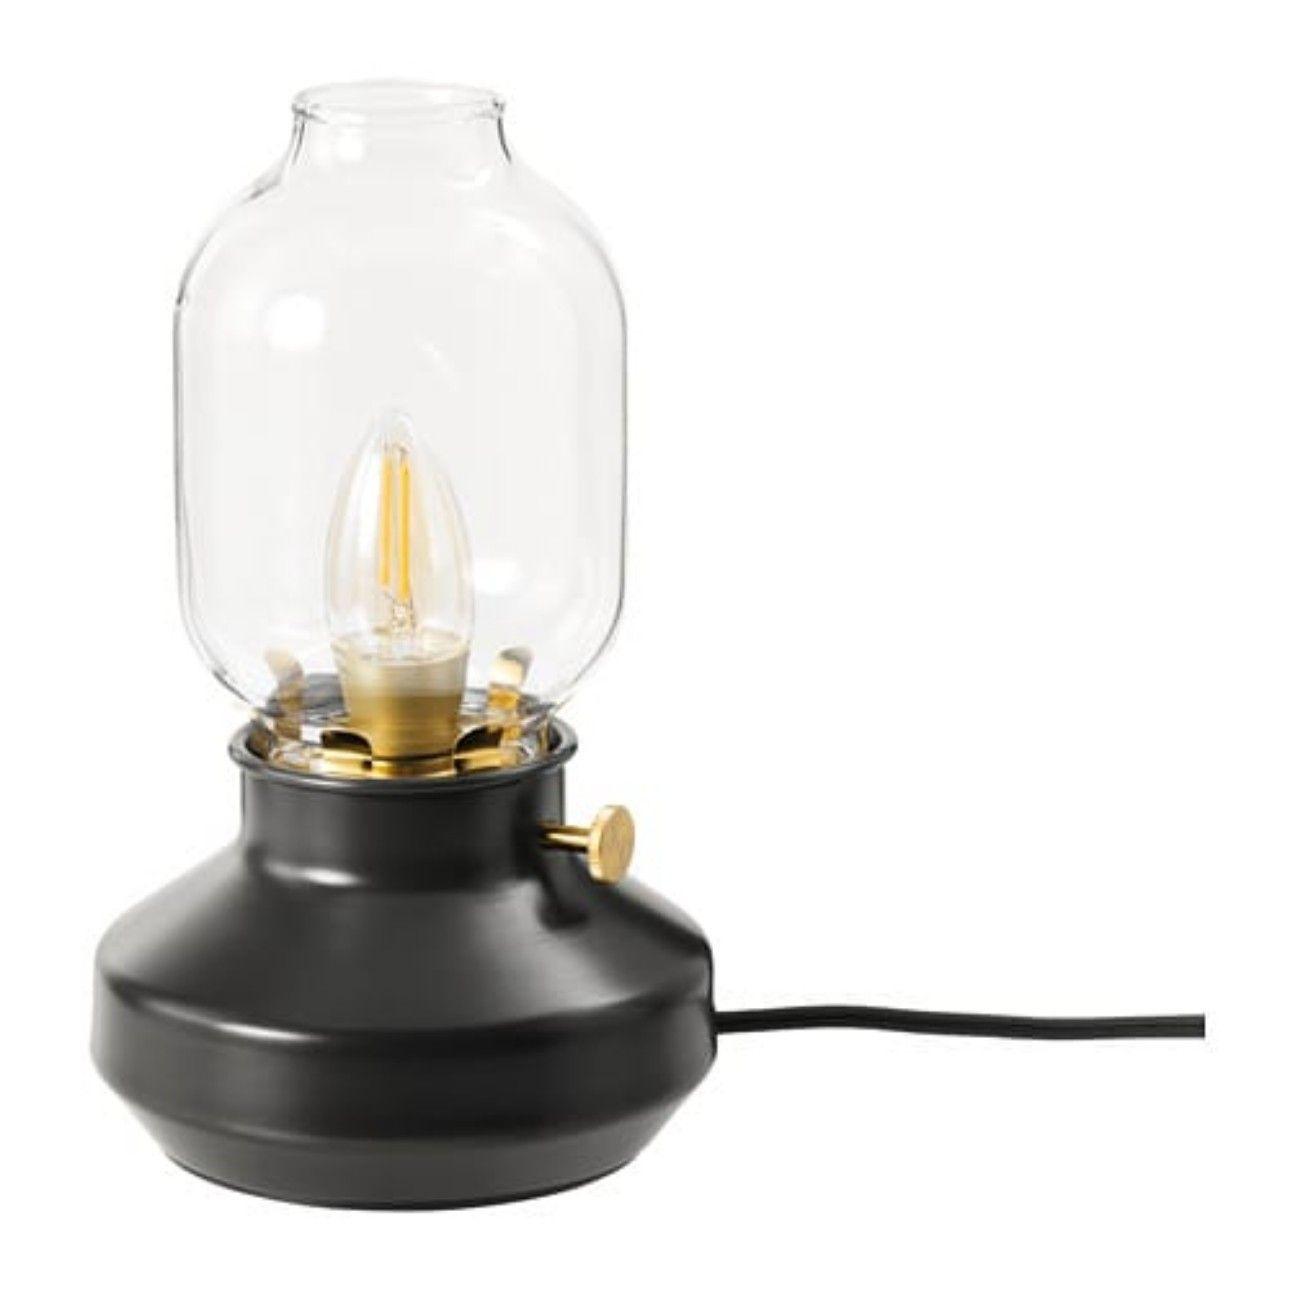 Pin Von Jagoda Sokolinska Auf Wohnung Tischleuchte Lampentisch Petroleumlampe